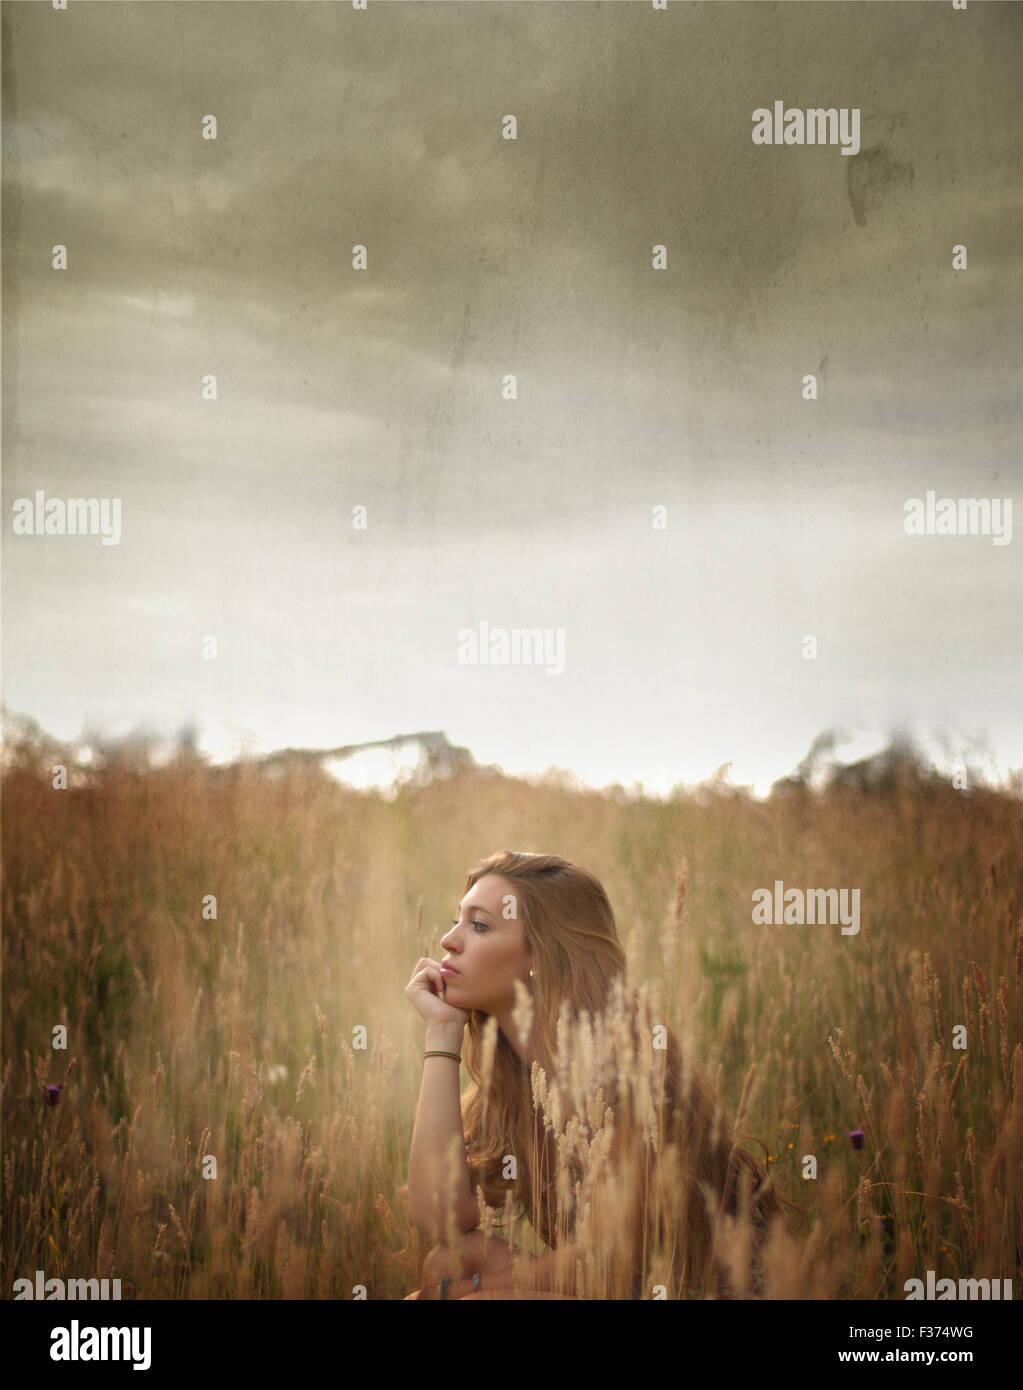 Chica sentada entre campos con un cielo tormentoso Imagen De Stock